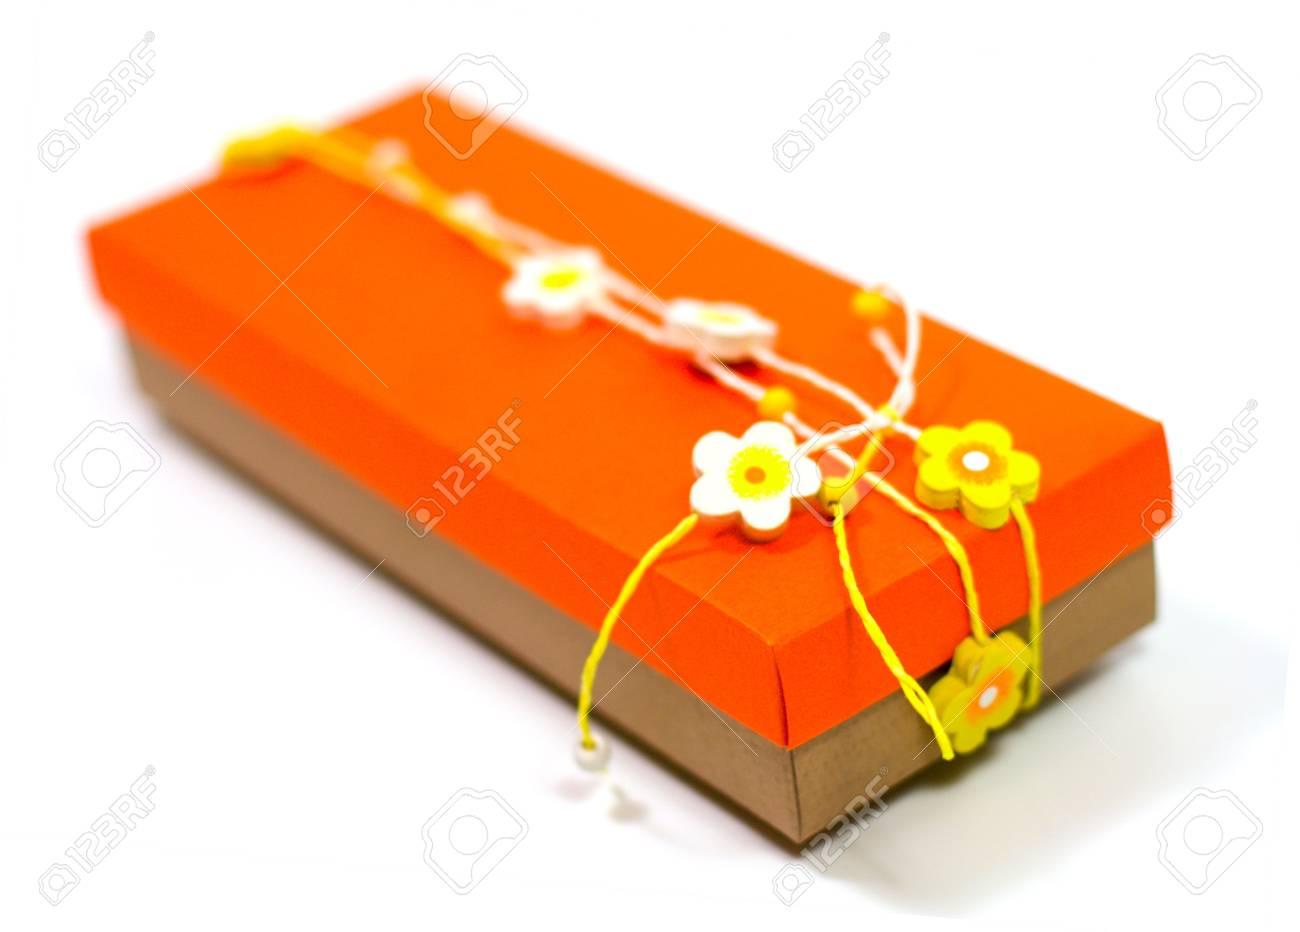 orange gift box with decoration isolated on white background Stock Photo - 3762232